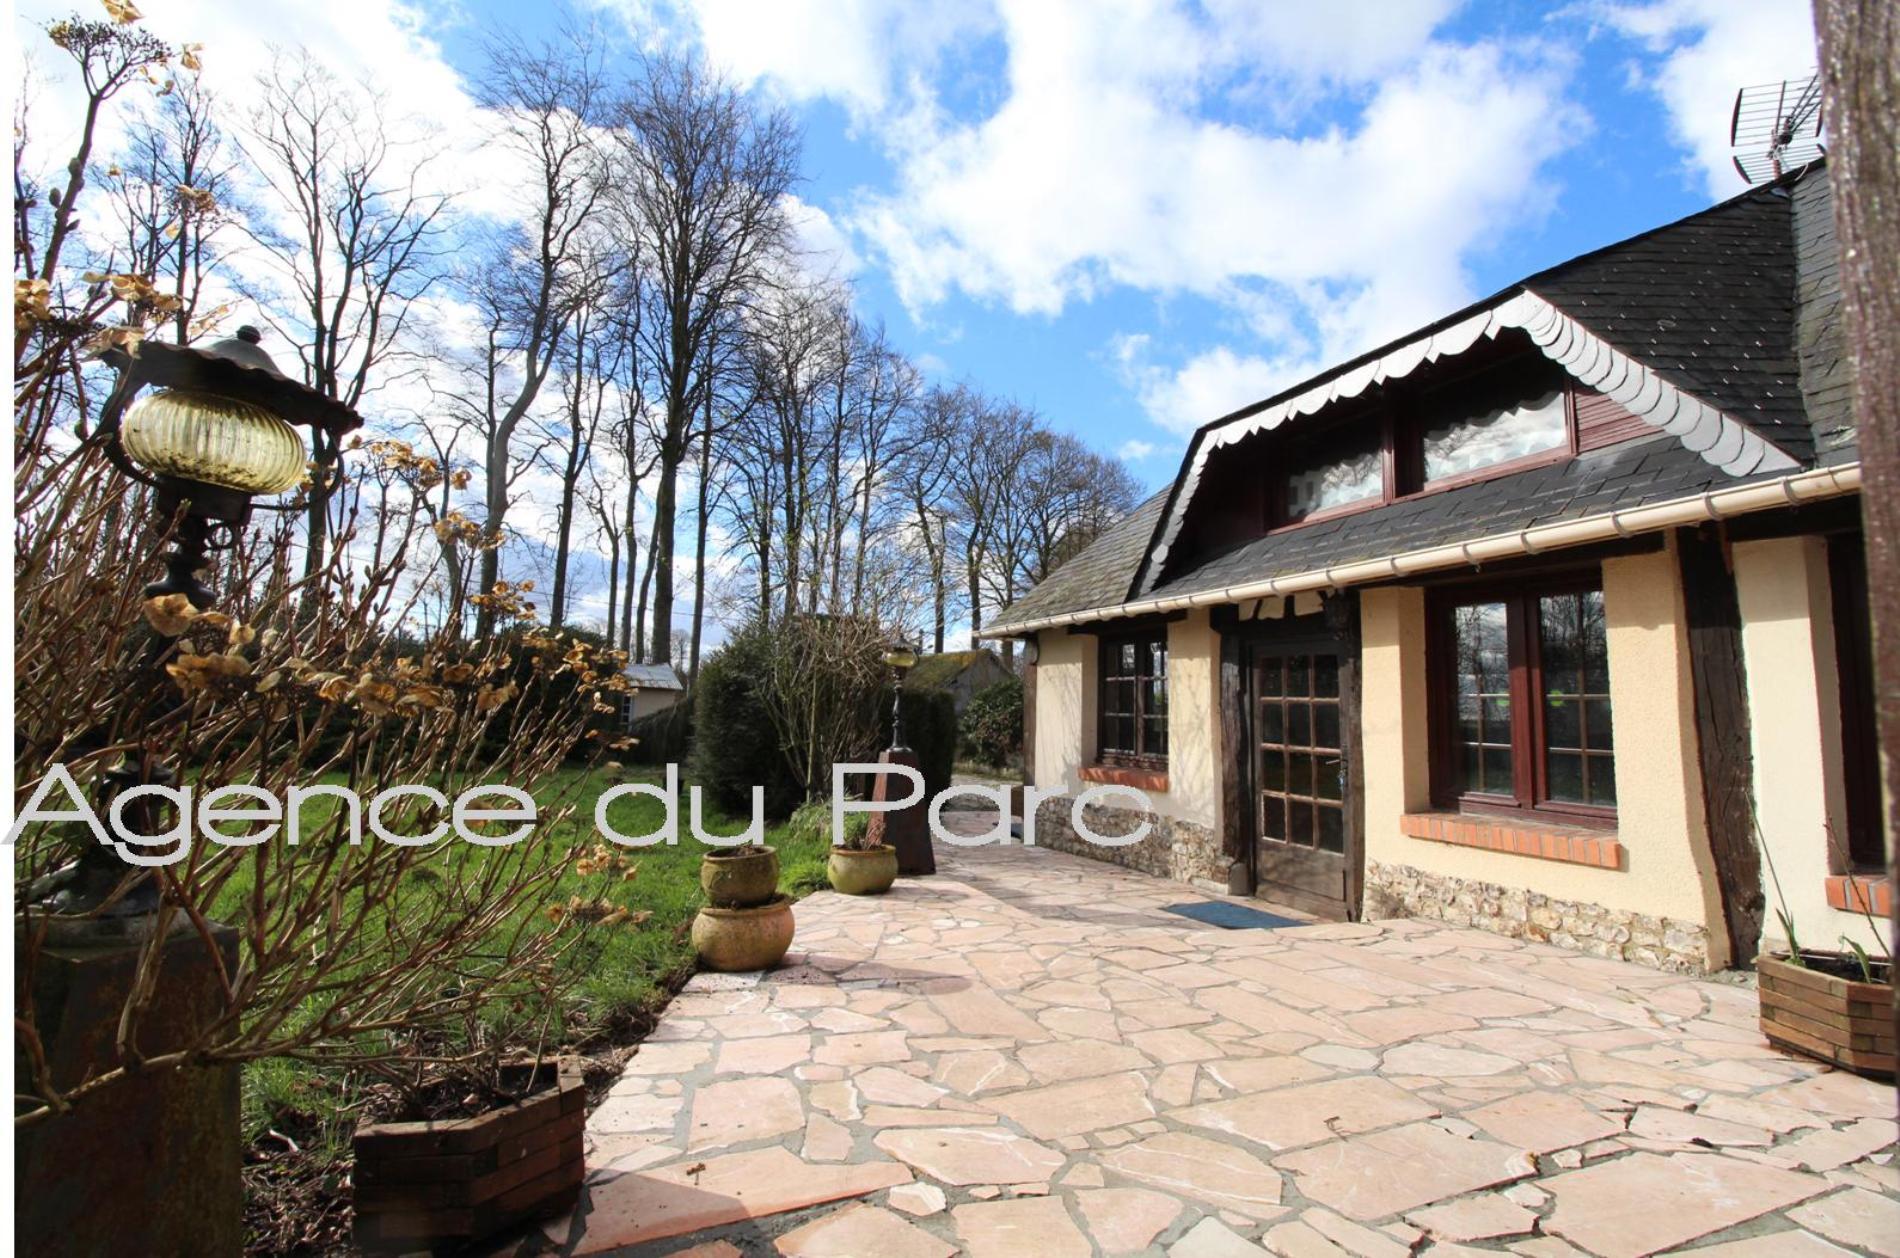 Acheter vente d 39 une maison individuelle t6 f6 axe caudebec for Achat d une maison individuelle